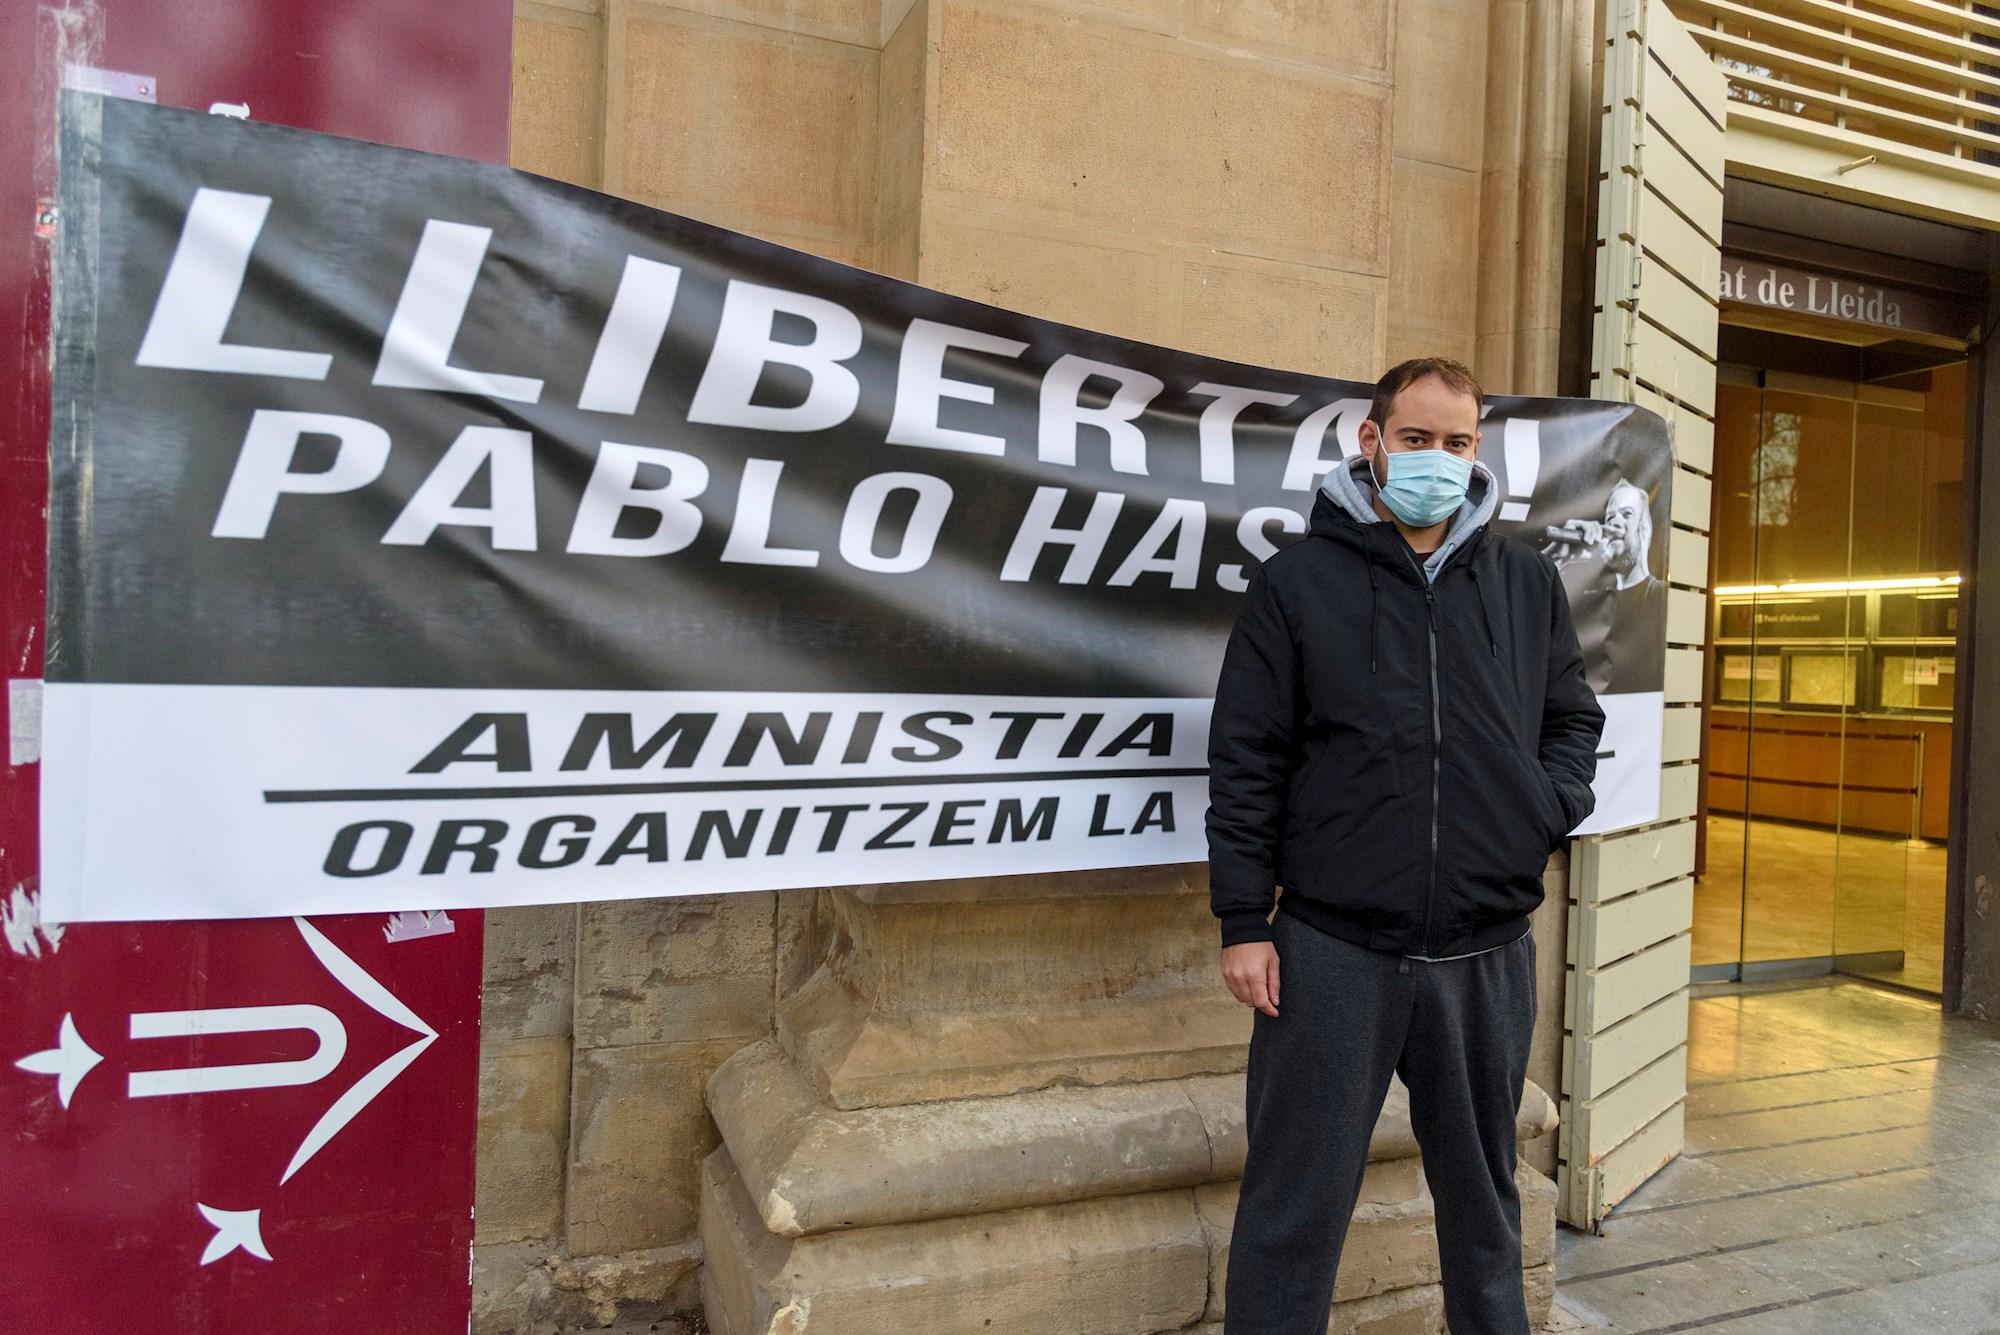 El rapero Pablo Hasel en un acto en los jardines Víctor Siurana de la Universidad de Lleida (UdL), antes de su detención el 16 de febrero de 2021 | EFE